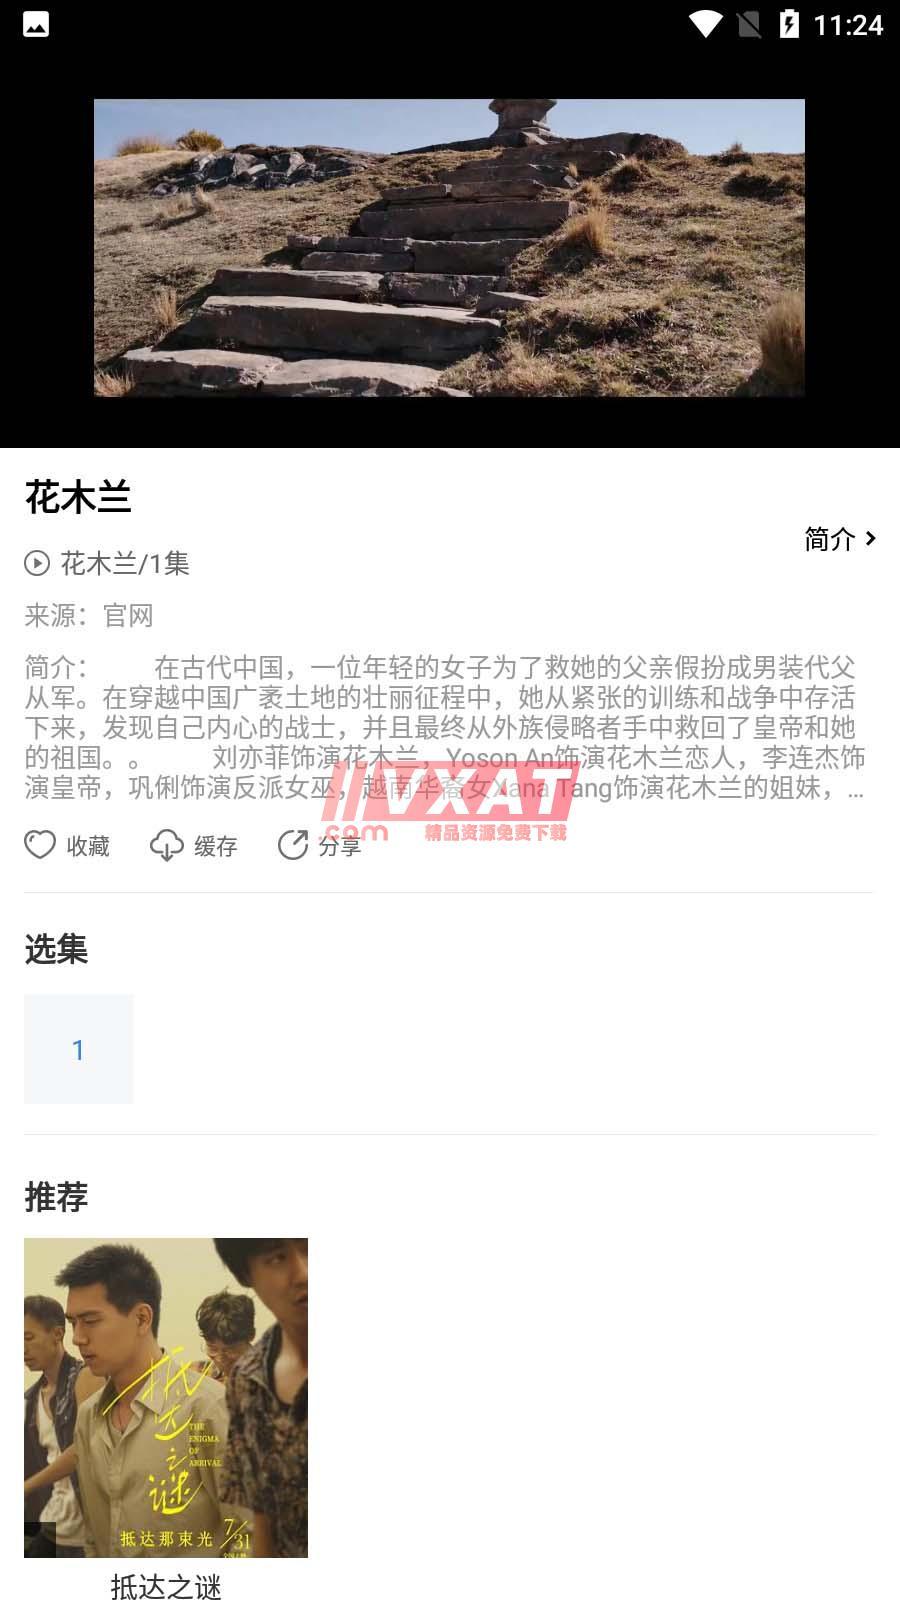 卧龙影视 v2.1.3 去广告修改版 第2张